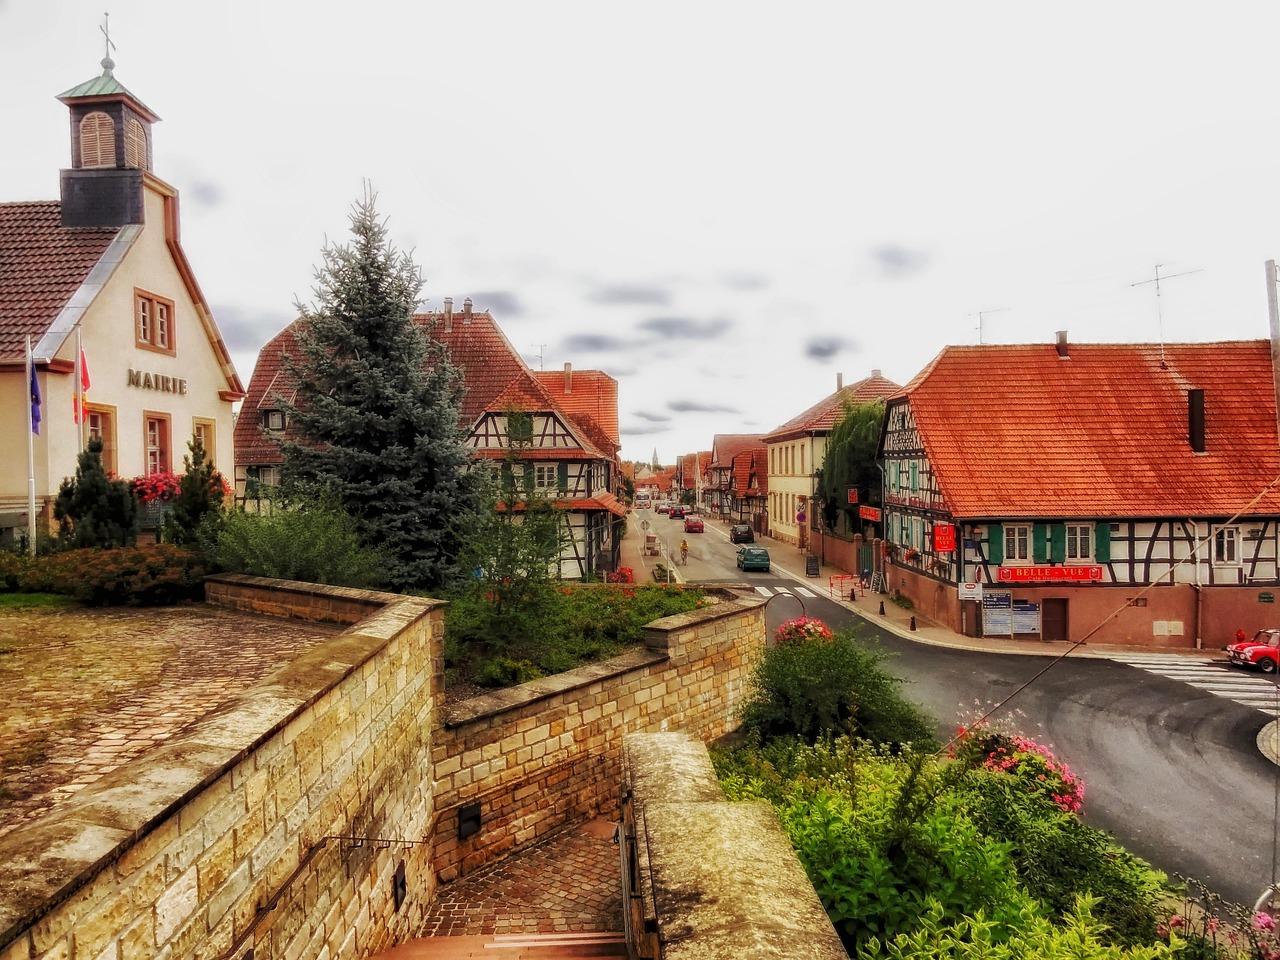 荷兰田园儿童画_欧洲乡村小镇风景建筑_欧洲乡村小镇风景建筑画法